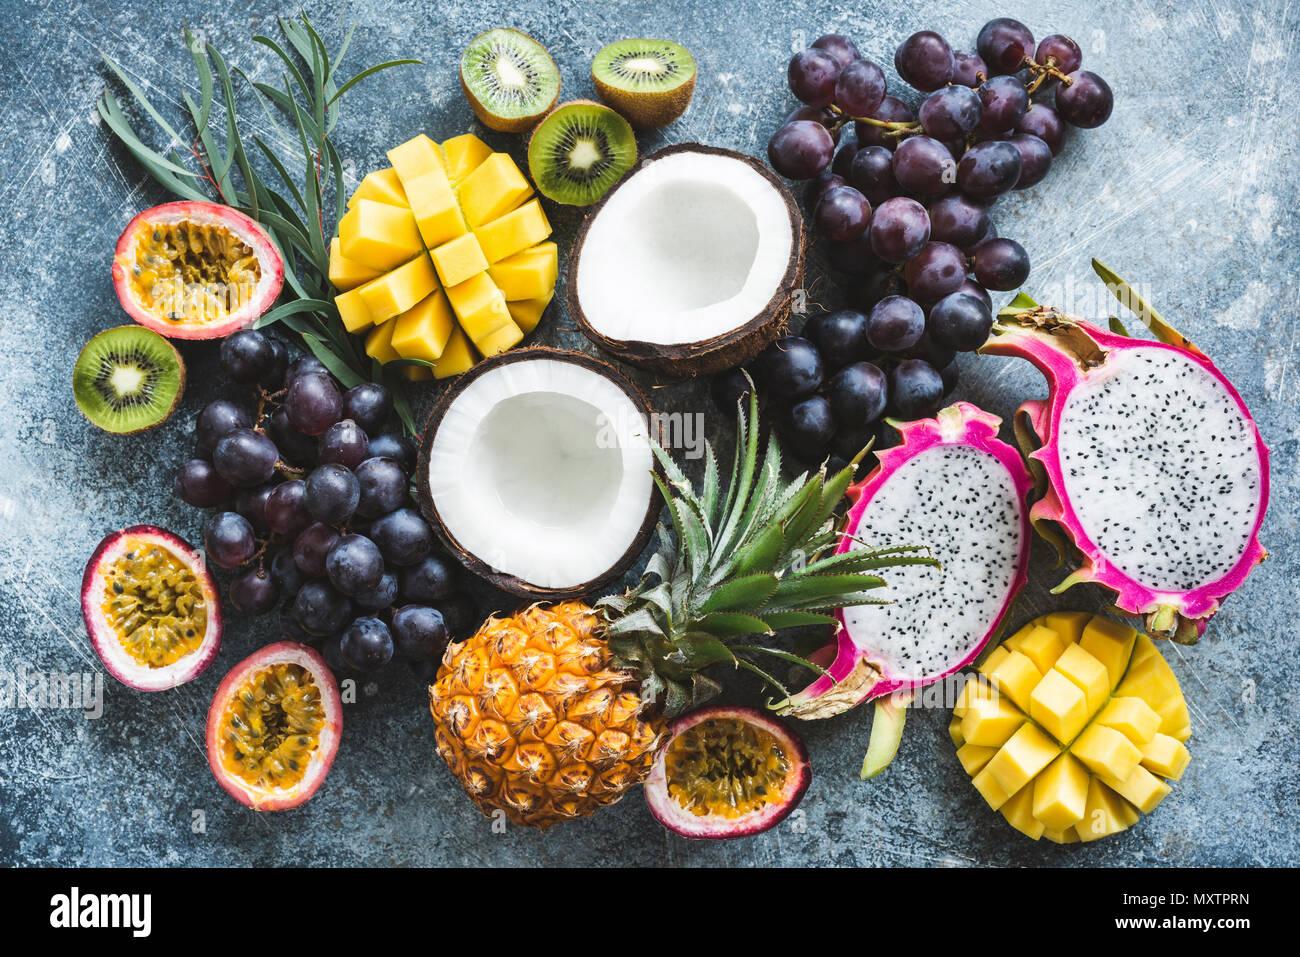 Surtido de frutas tropicales exóticas, vista superior. La maracuyá, dragonfruit, mango, piña, kiwi, uvas y coco. Fondo de alimentos frescos. Sana Foto de stock